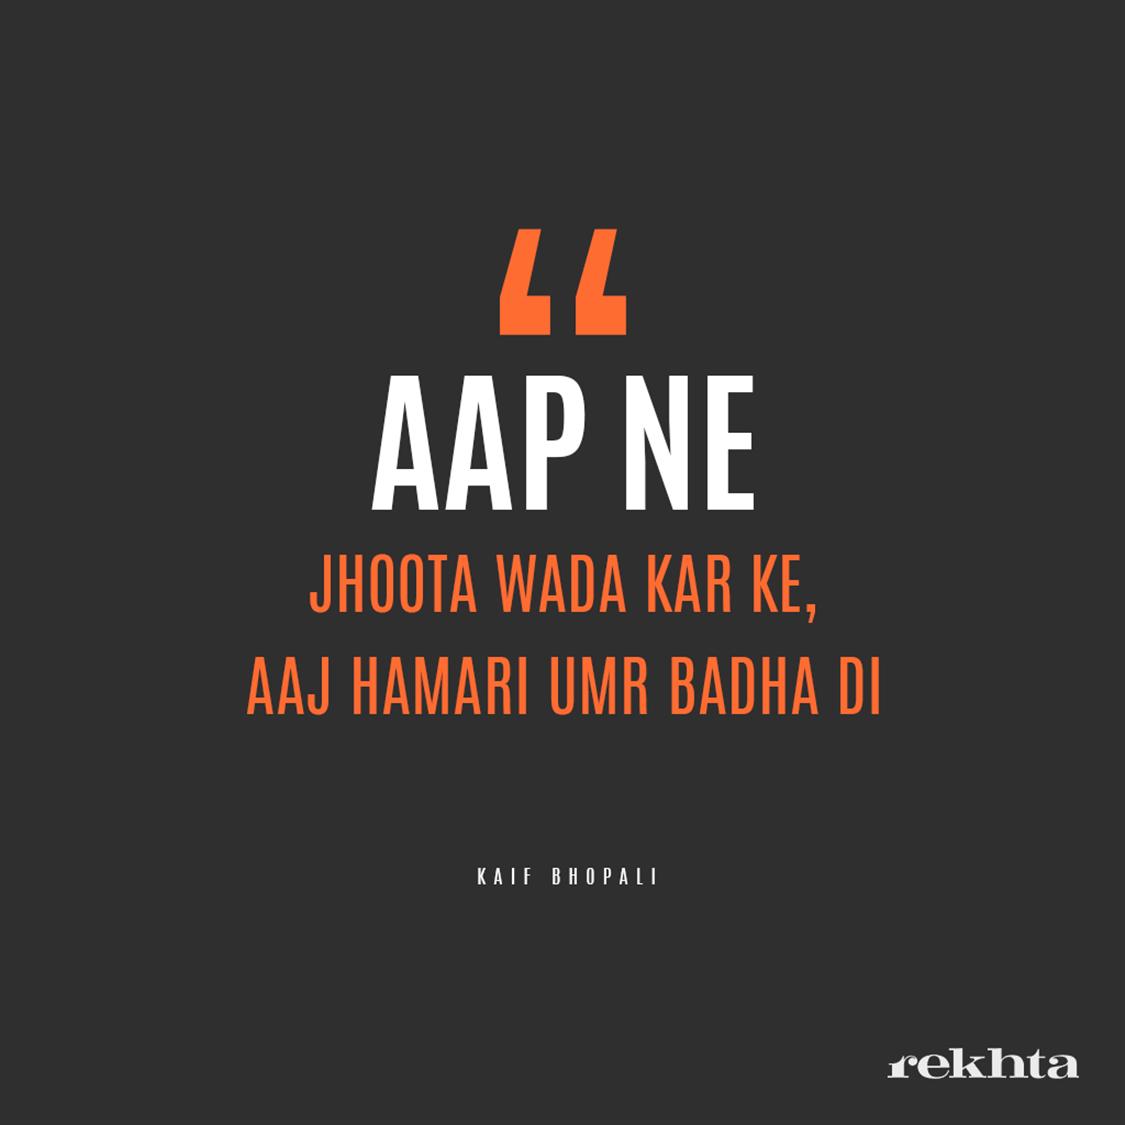 aap ne jhuuTaa va.ada kar ke-Kaif Bhopali